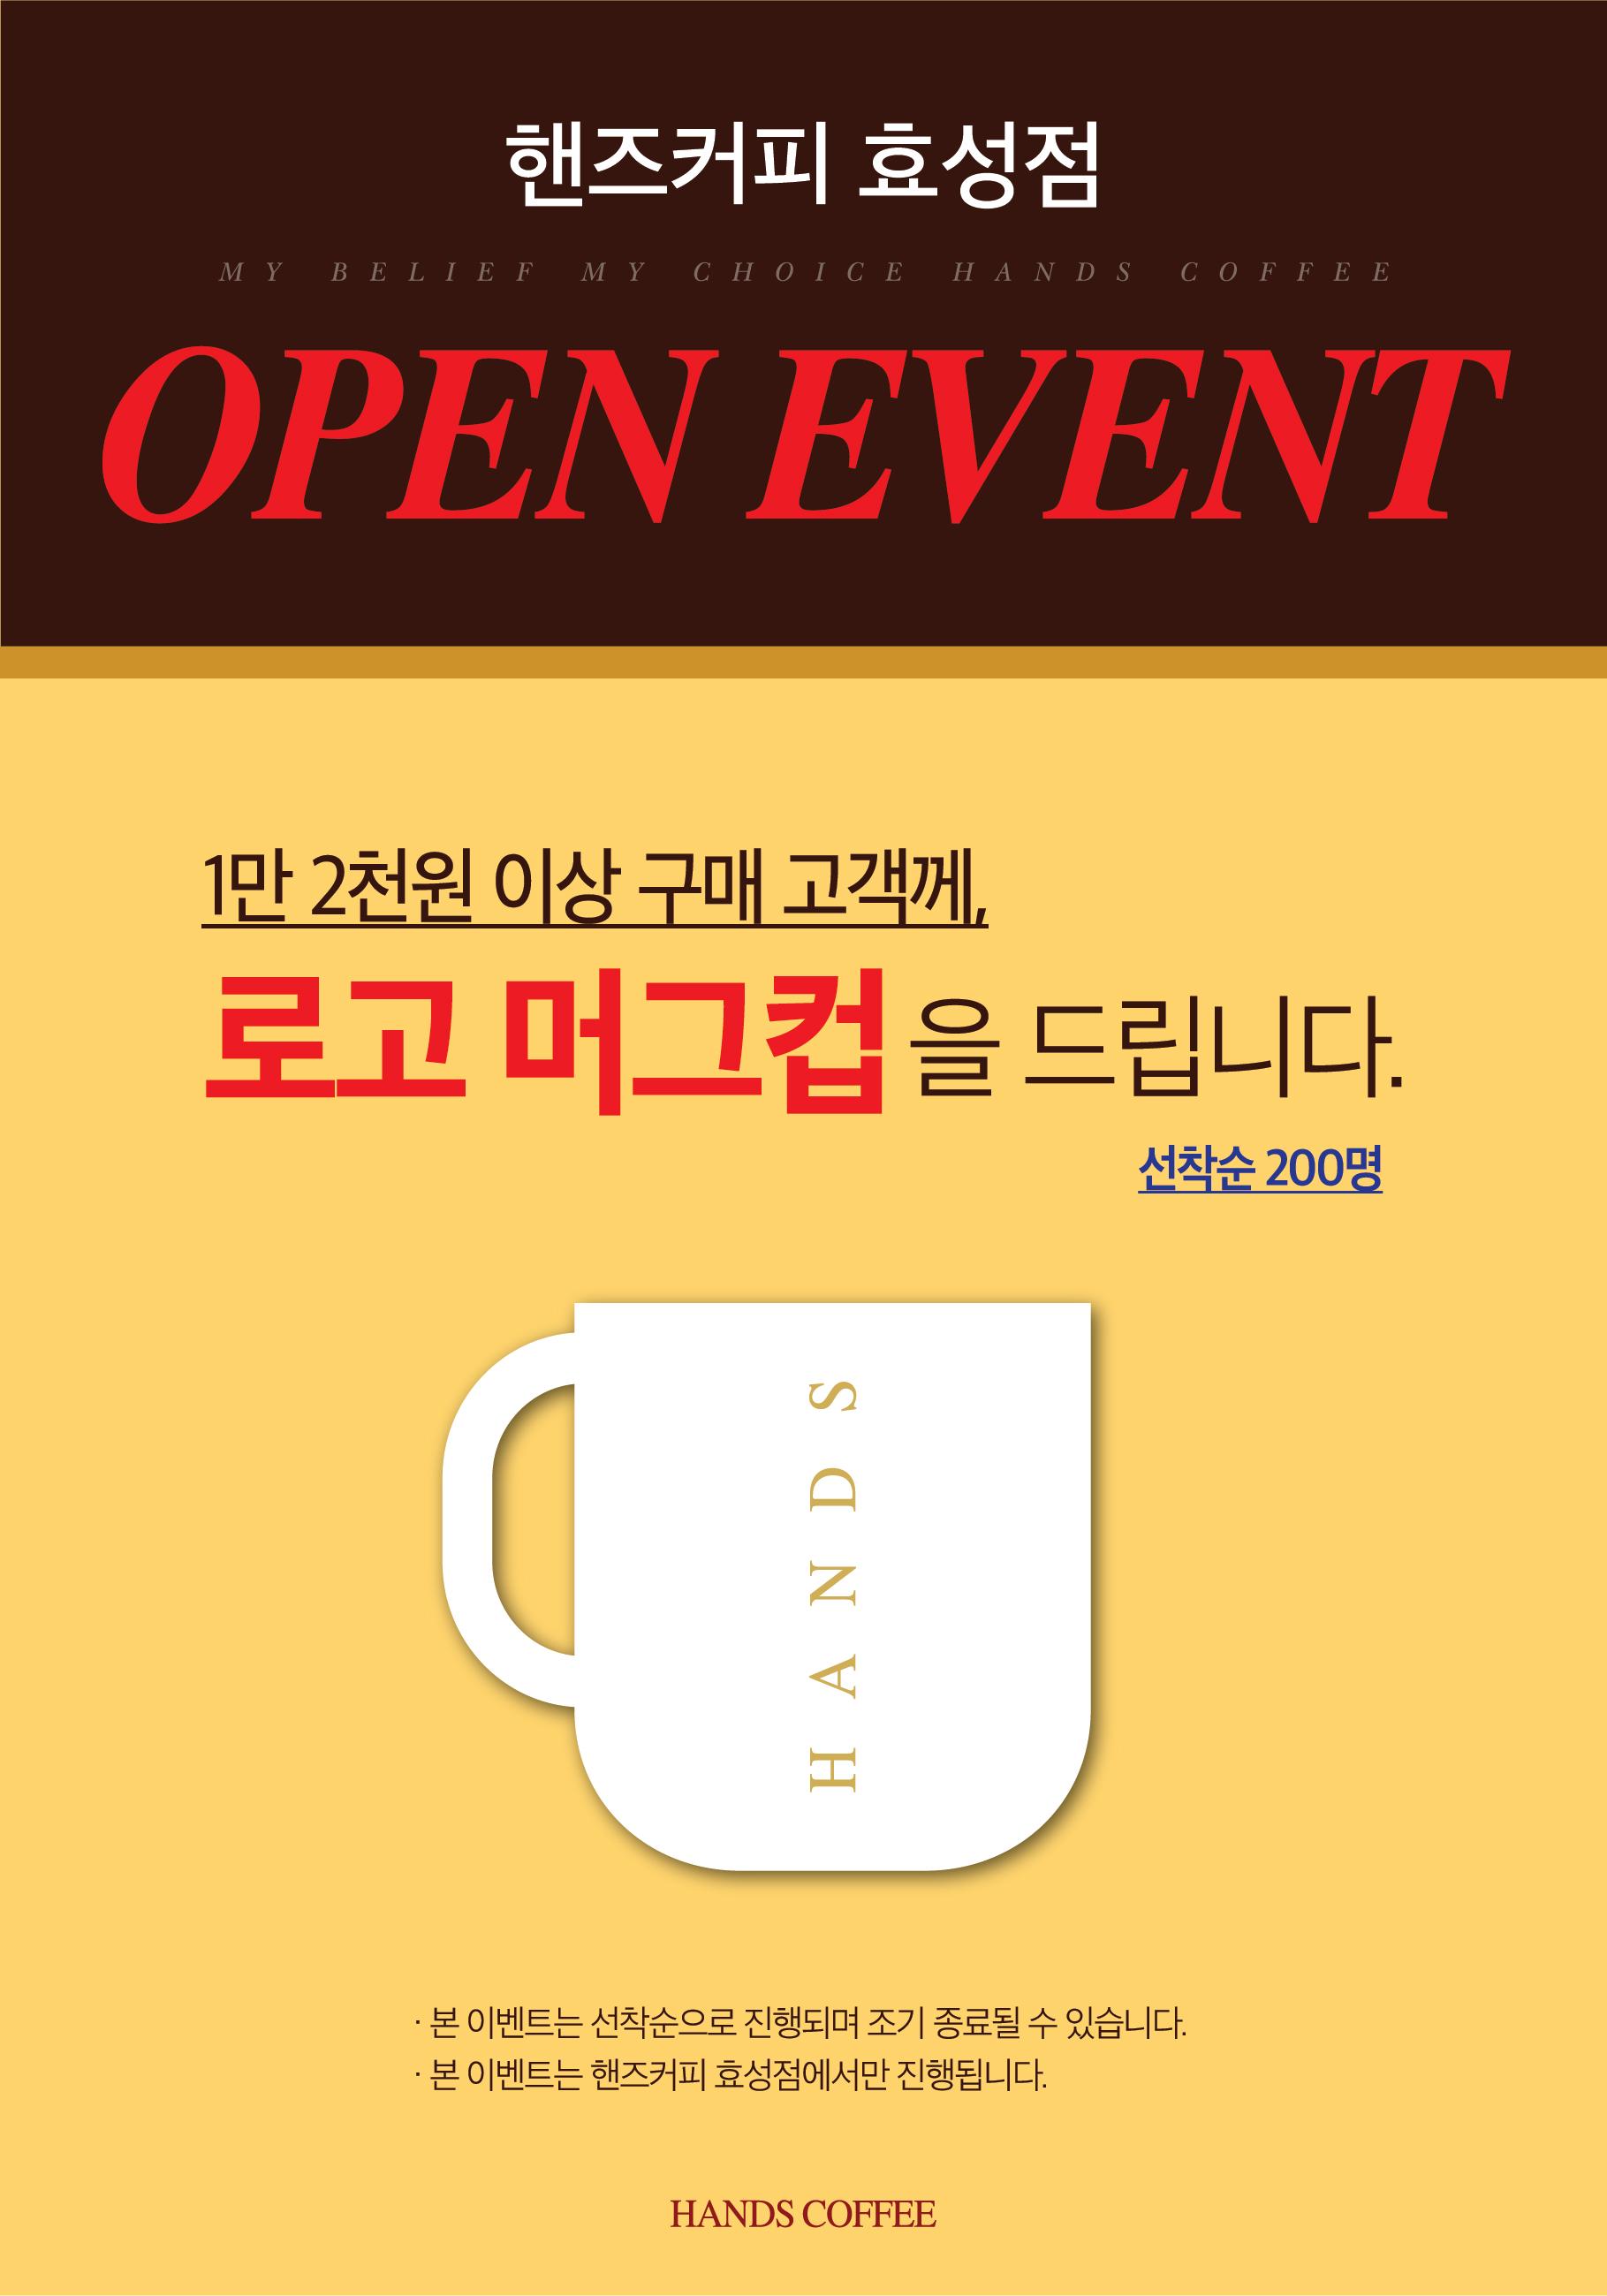 효성점_오픈이벤트-01.jpg